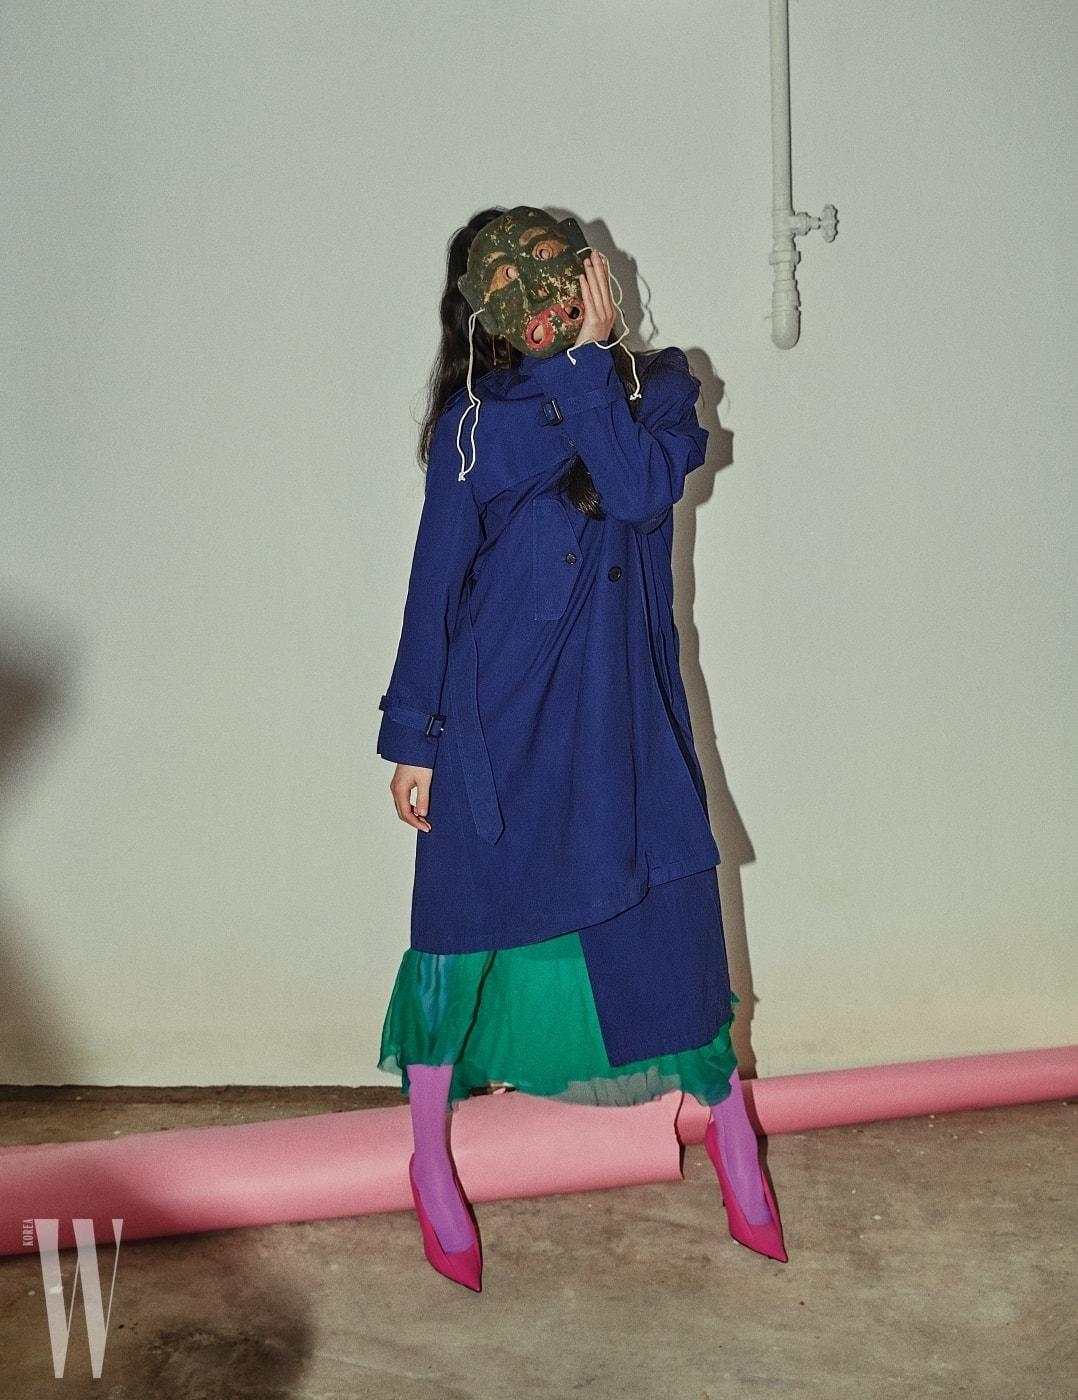 네이비색 트렌치코트, 실크  원피스, 분홍색 타이츠와 가죽 펌프스, 골드 이어링은모두 Balenciaga 제품.